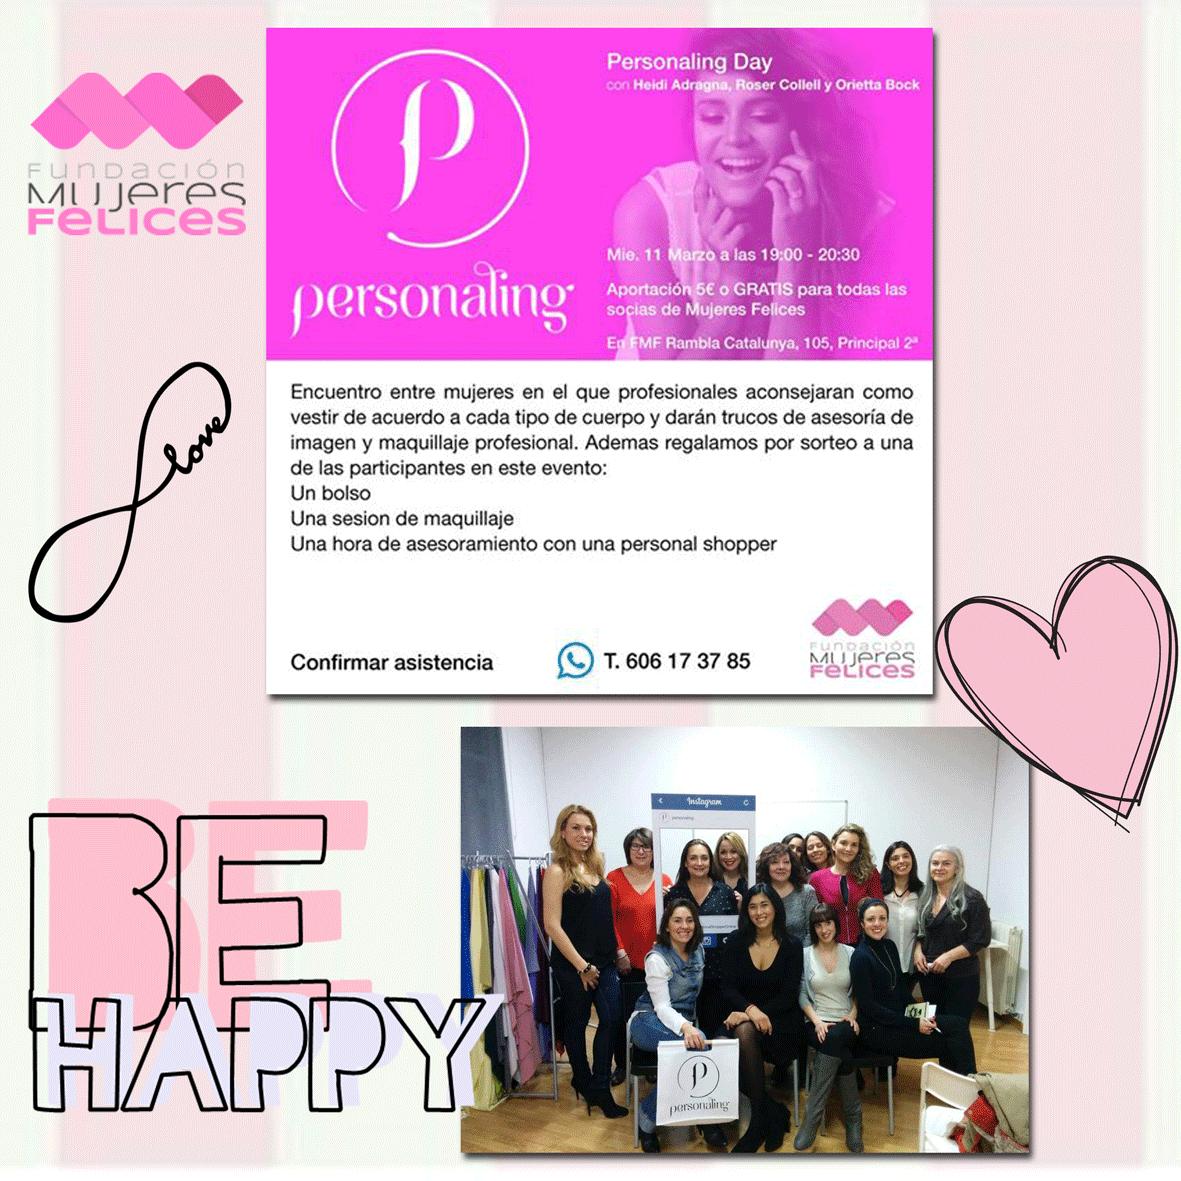 Personaling Fundacion Mujeres Felices